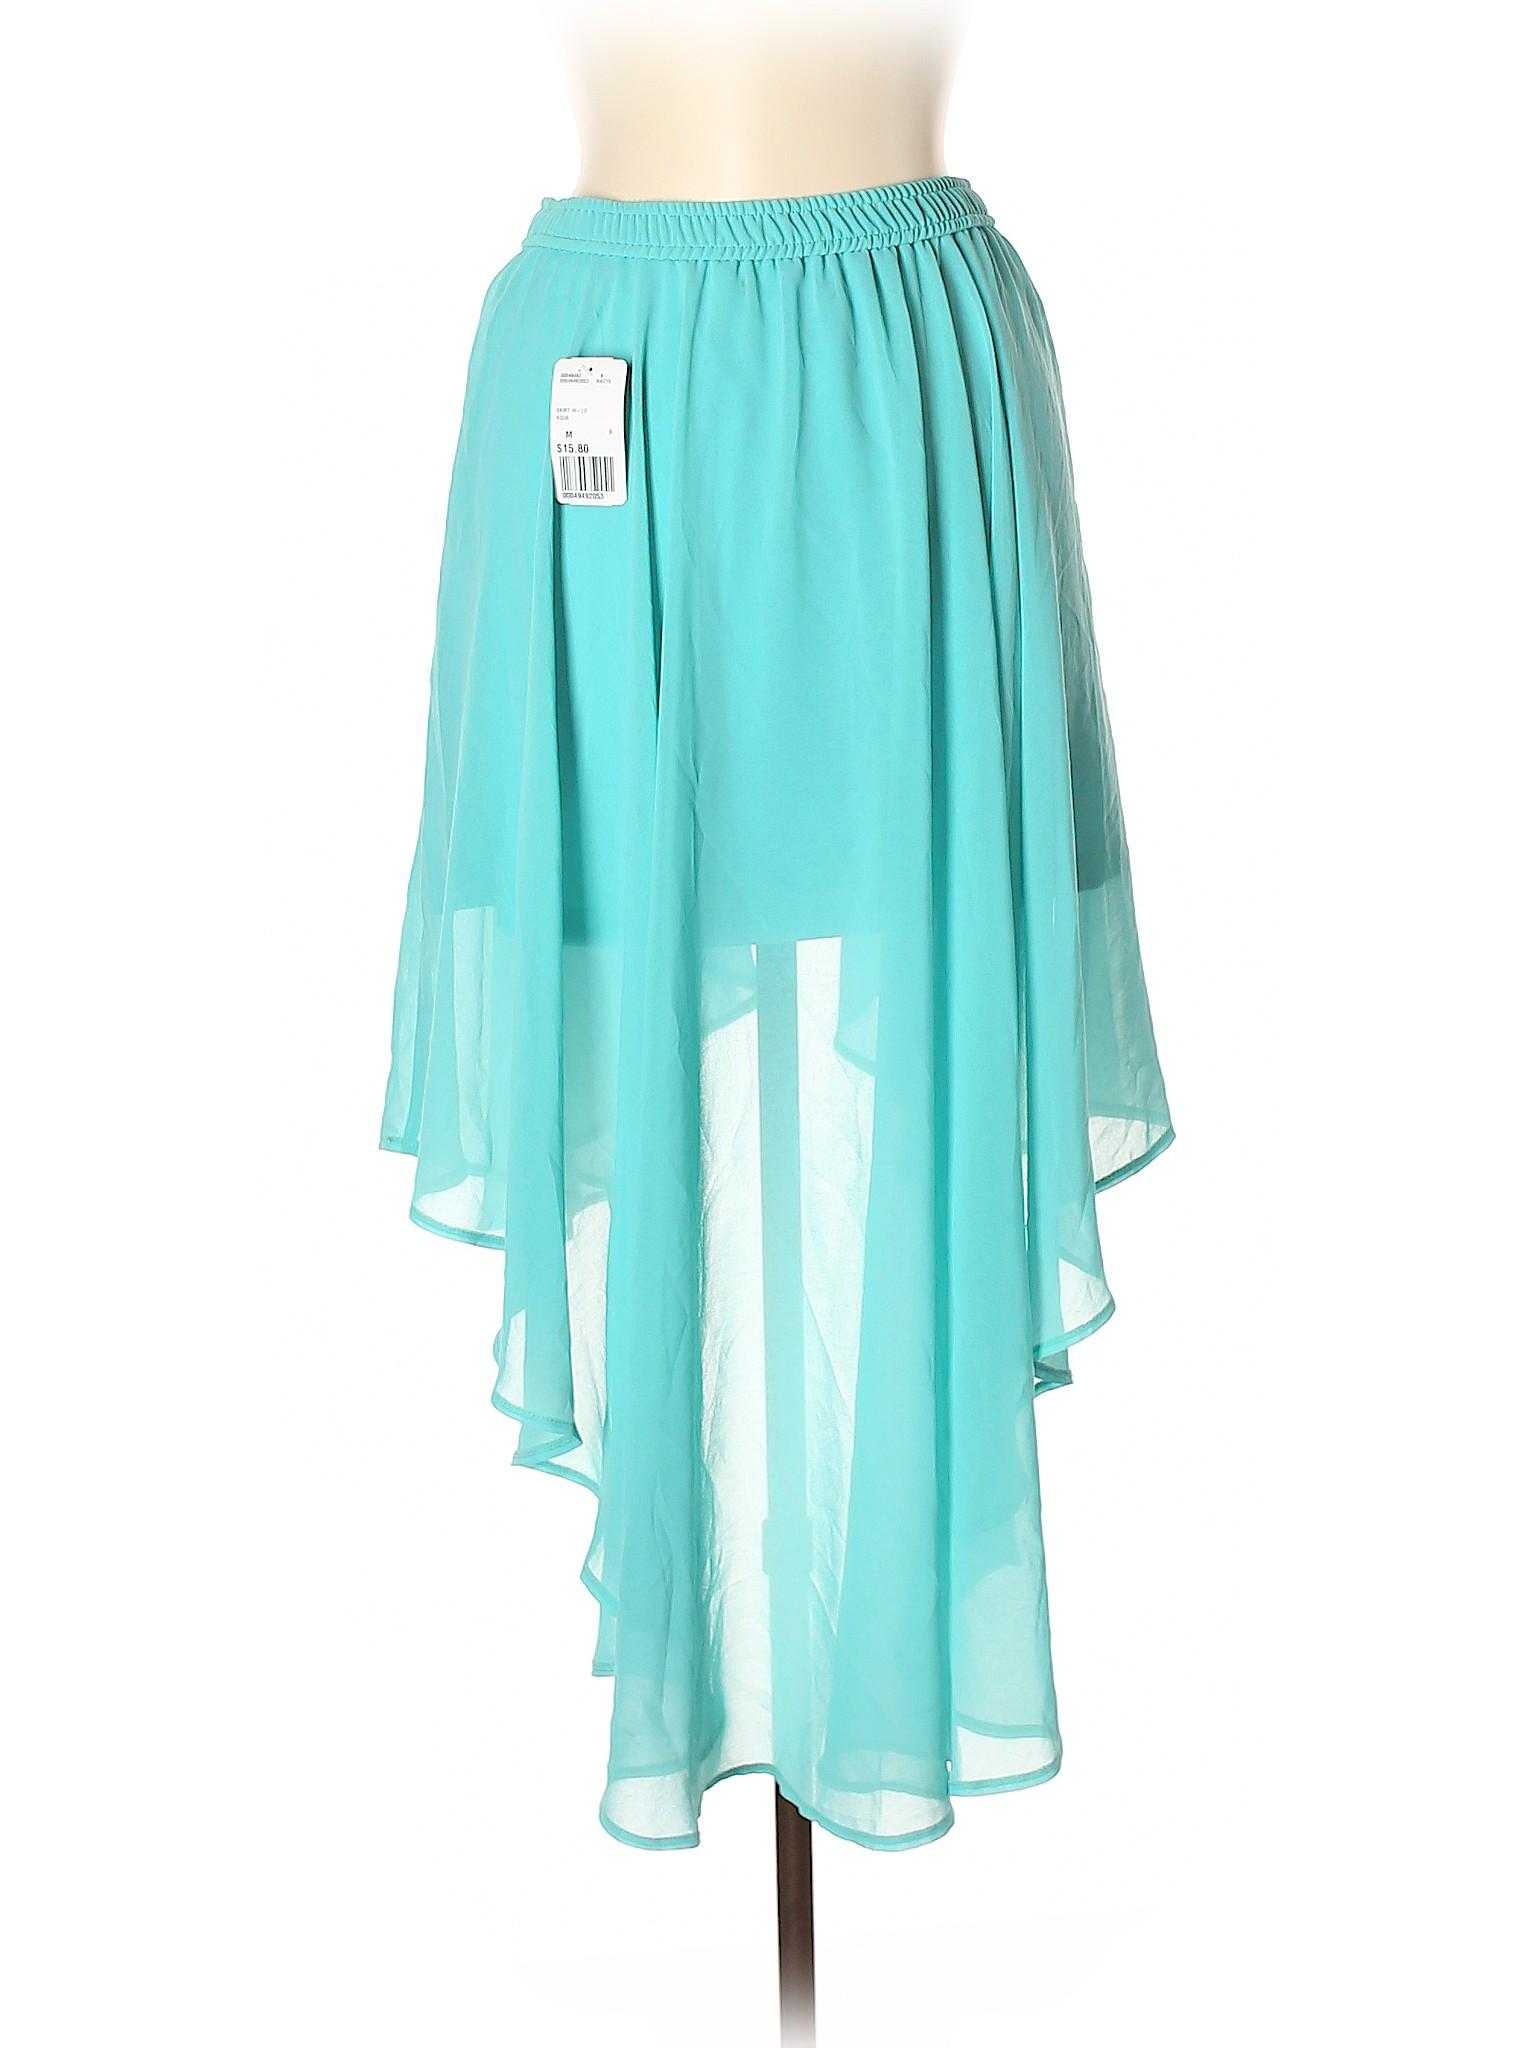 Casual Skirt Skirt Skirt Boutique Boutique Boutique Casual Casual Casual Boutique Boutique Skirt 7xTfZw